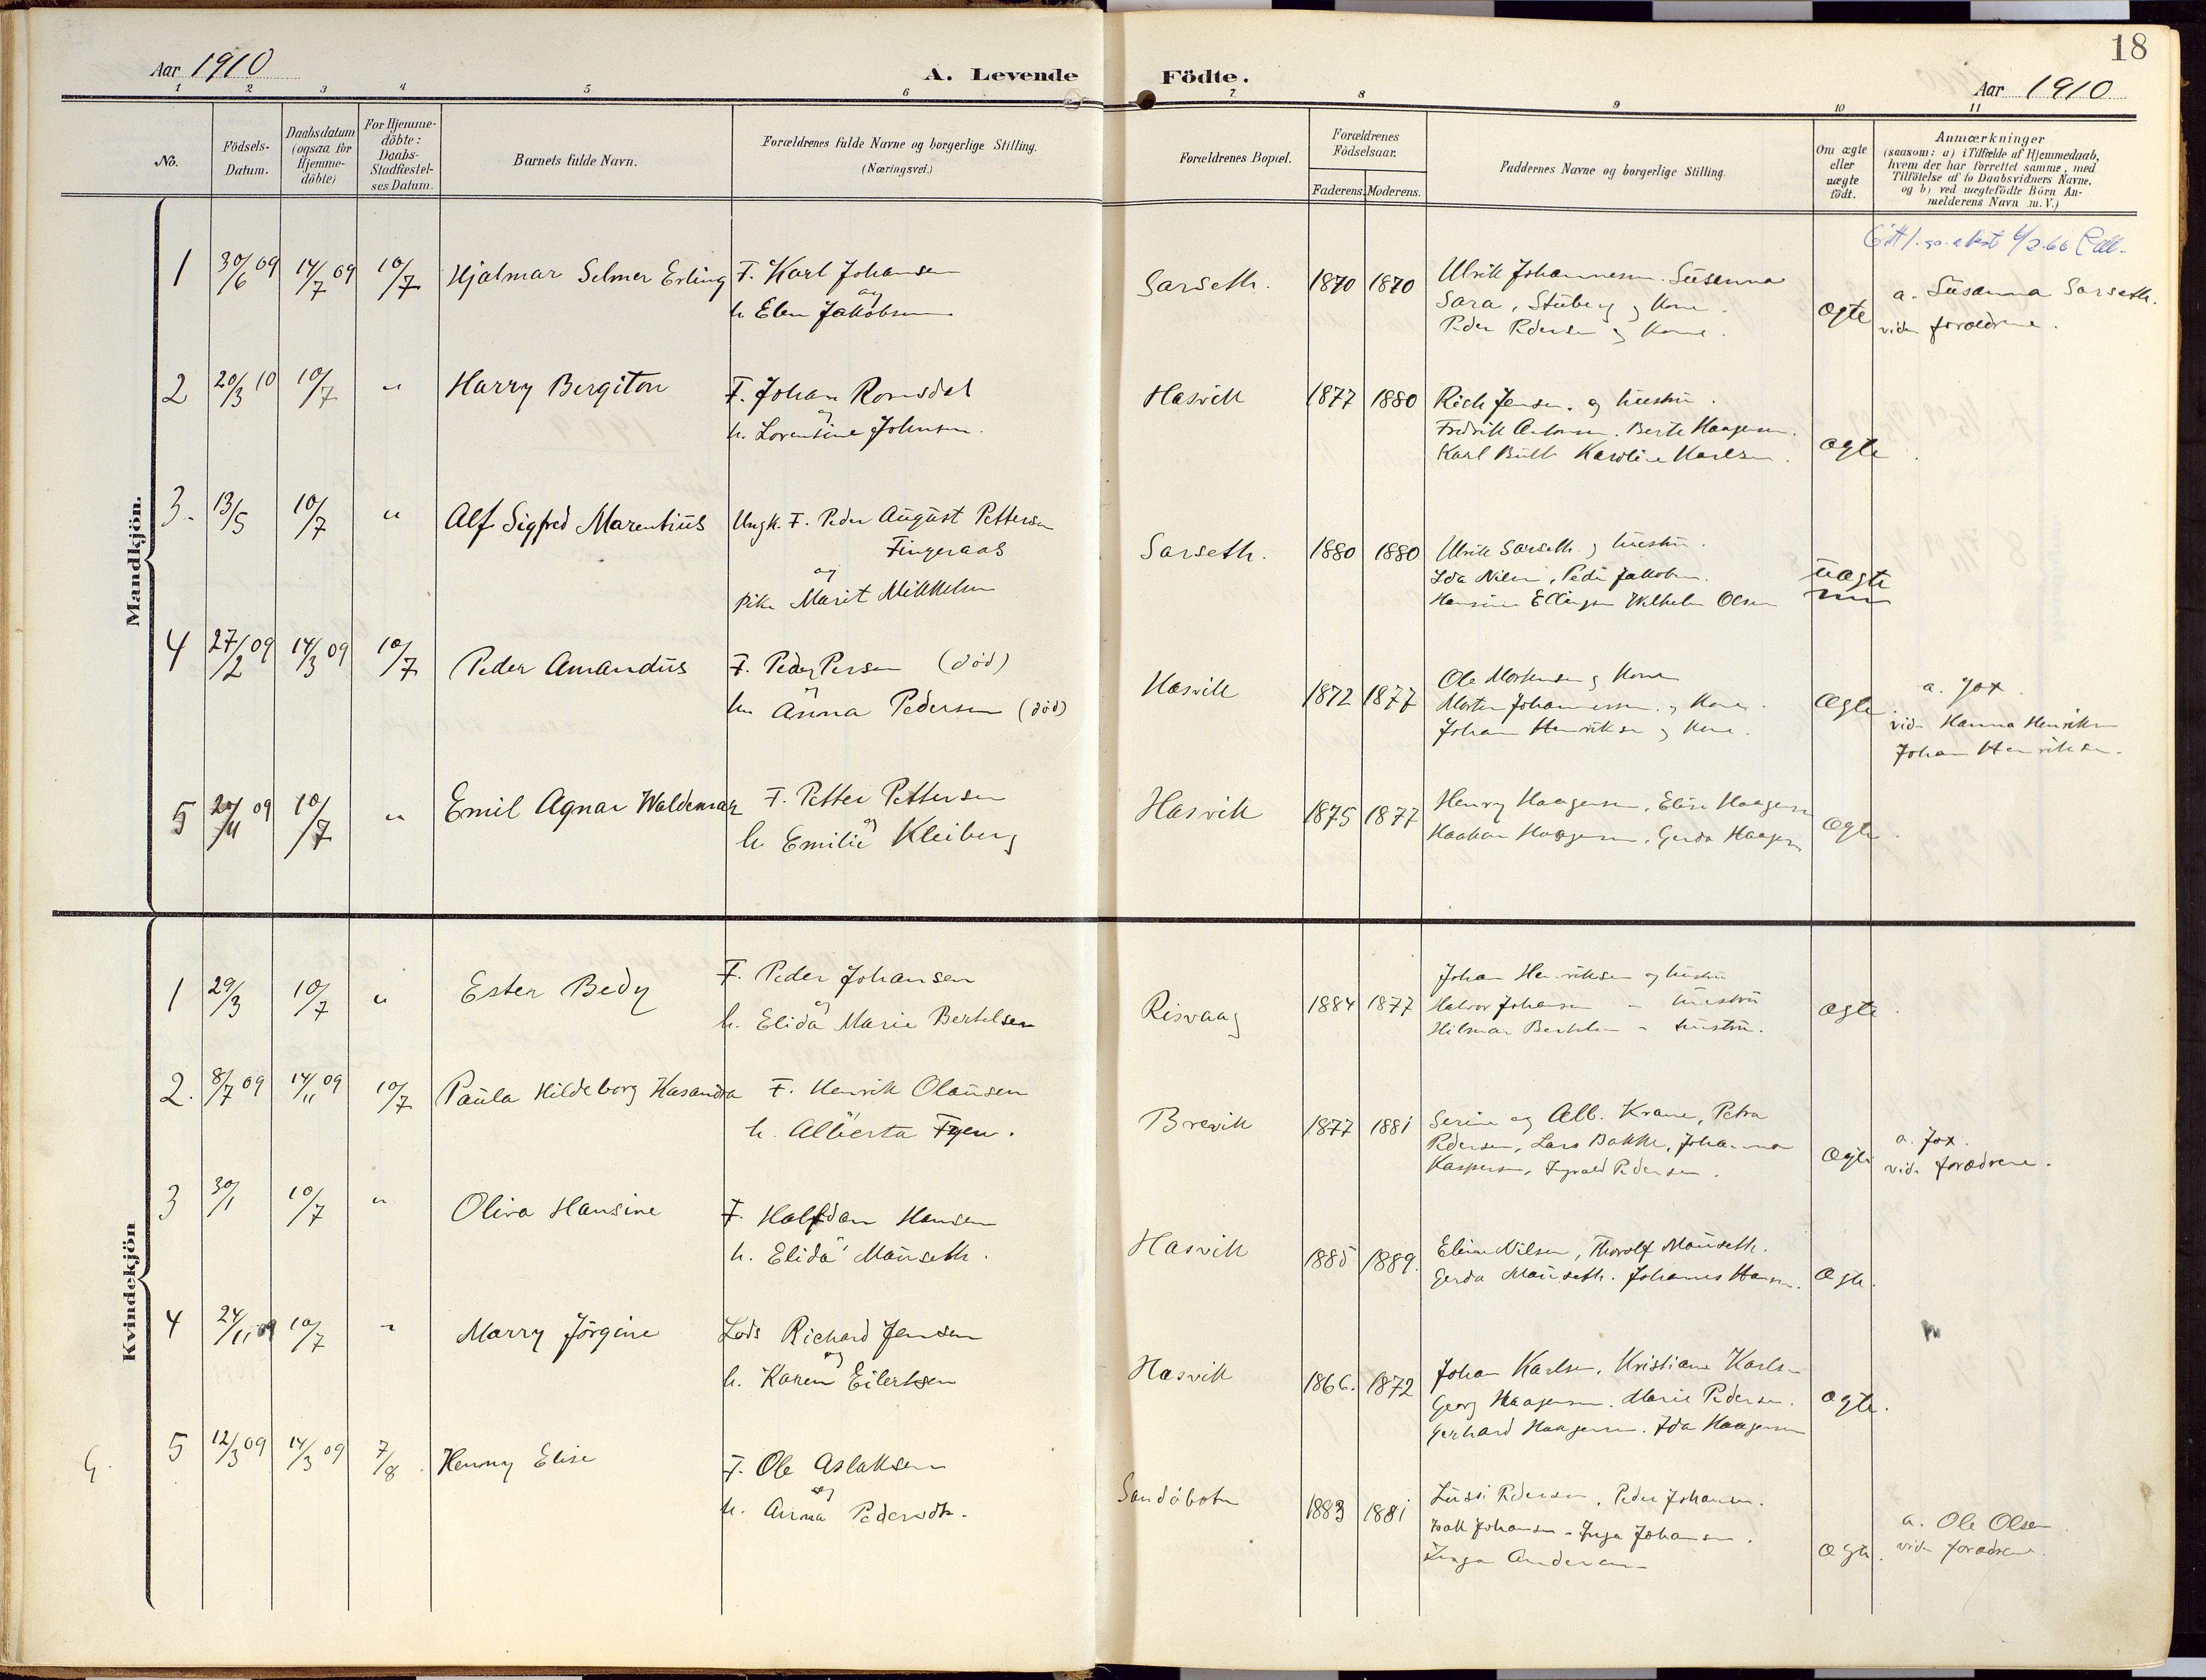 SATØ, Loppa sokneprestkontor, H/Ha/L0010kirke: Ministerialbok nr. 10, 1907-1922, s. 18